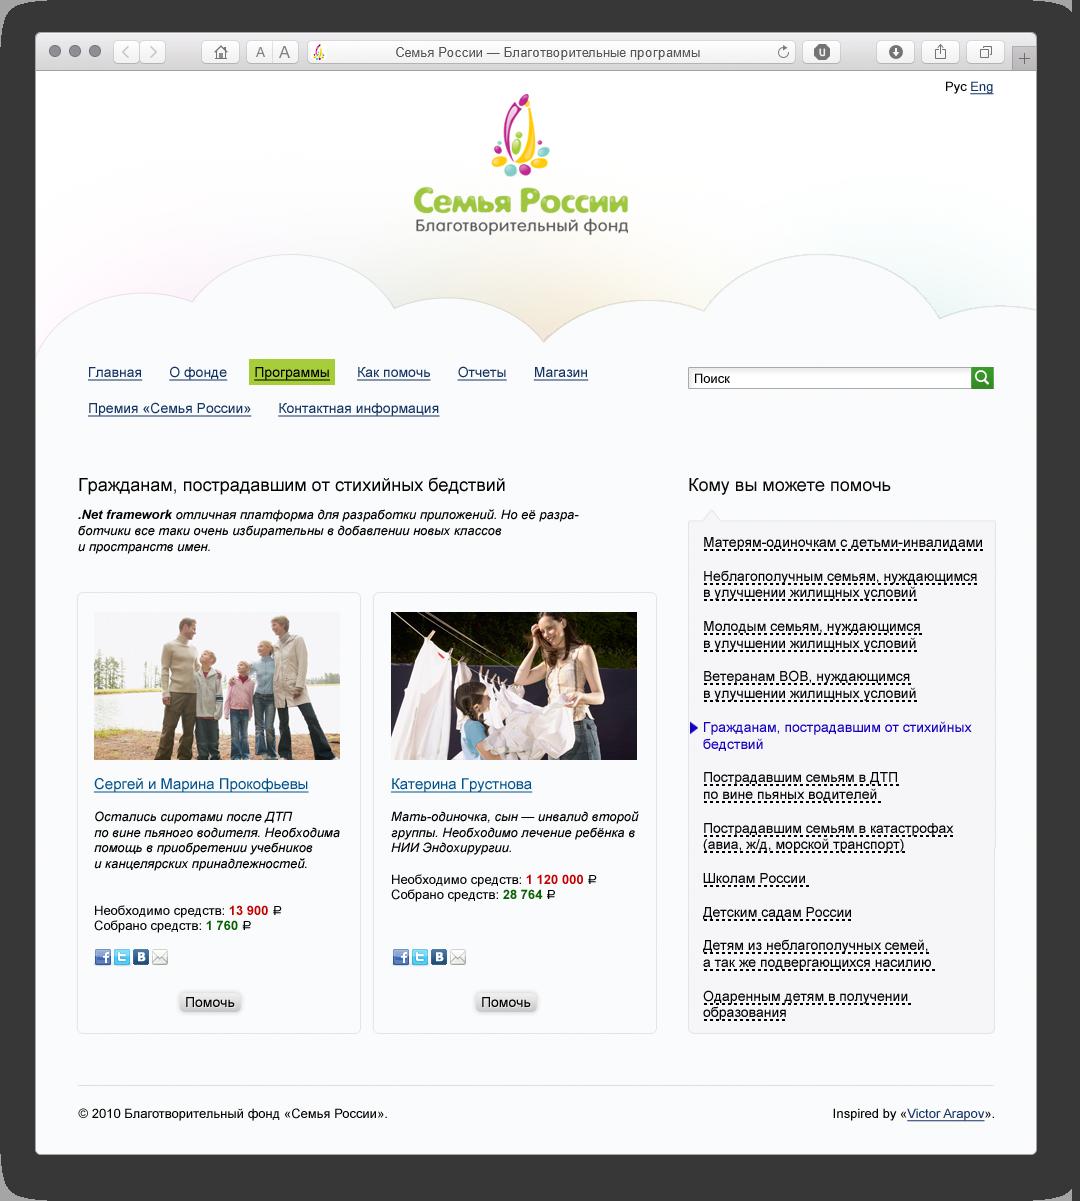 Архив: Благотворительный фонд «Семья России»